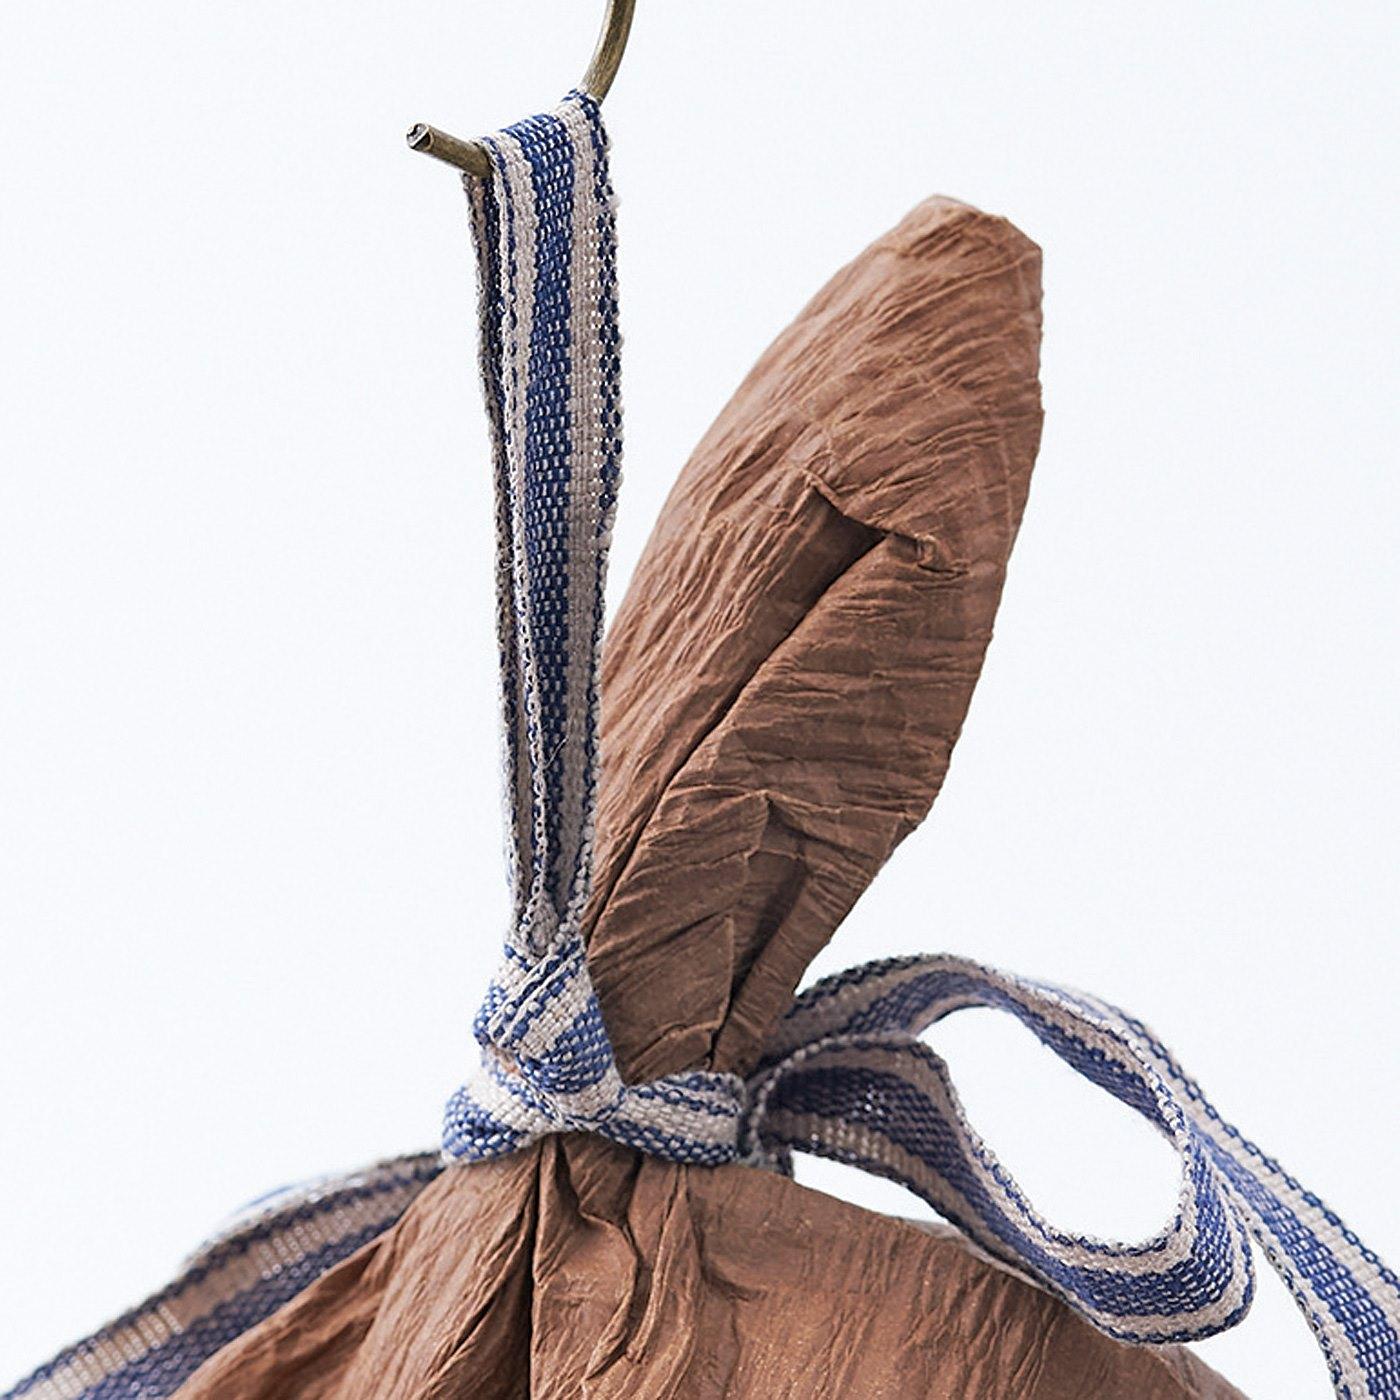 リボンの裏側がループ状になっているため、フックなどにかけて簡単に飾れます。